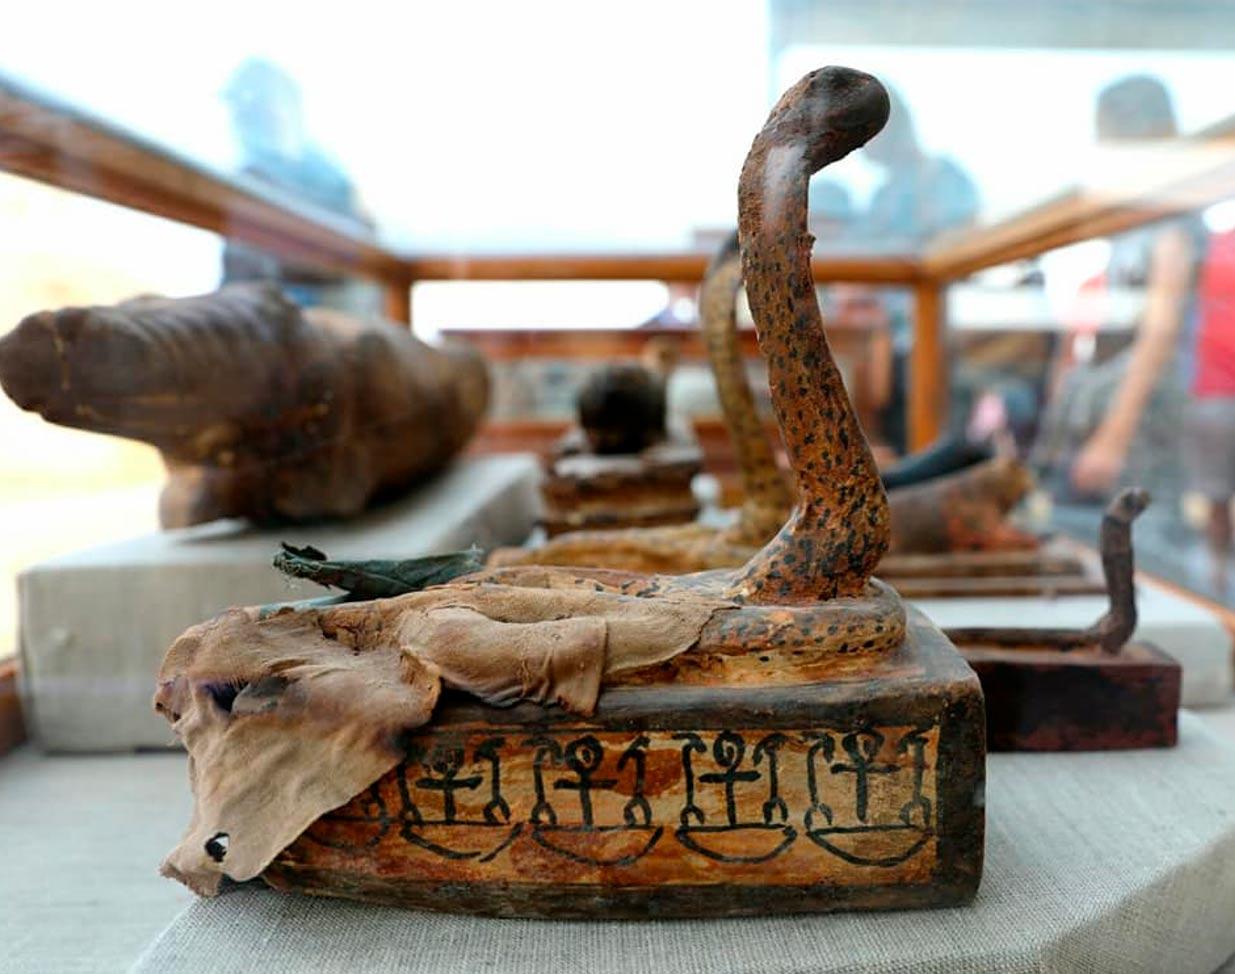 Este sarcófago con la figura de una cobra albergaba una serpiente momificada. Crédito: Ministerio de Antigüedades de Egipto